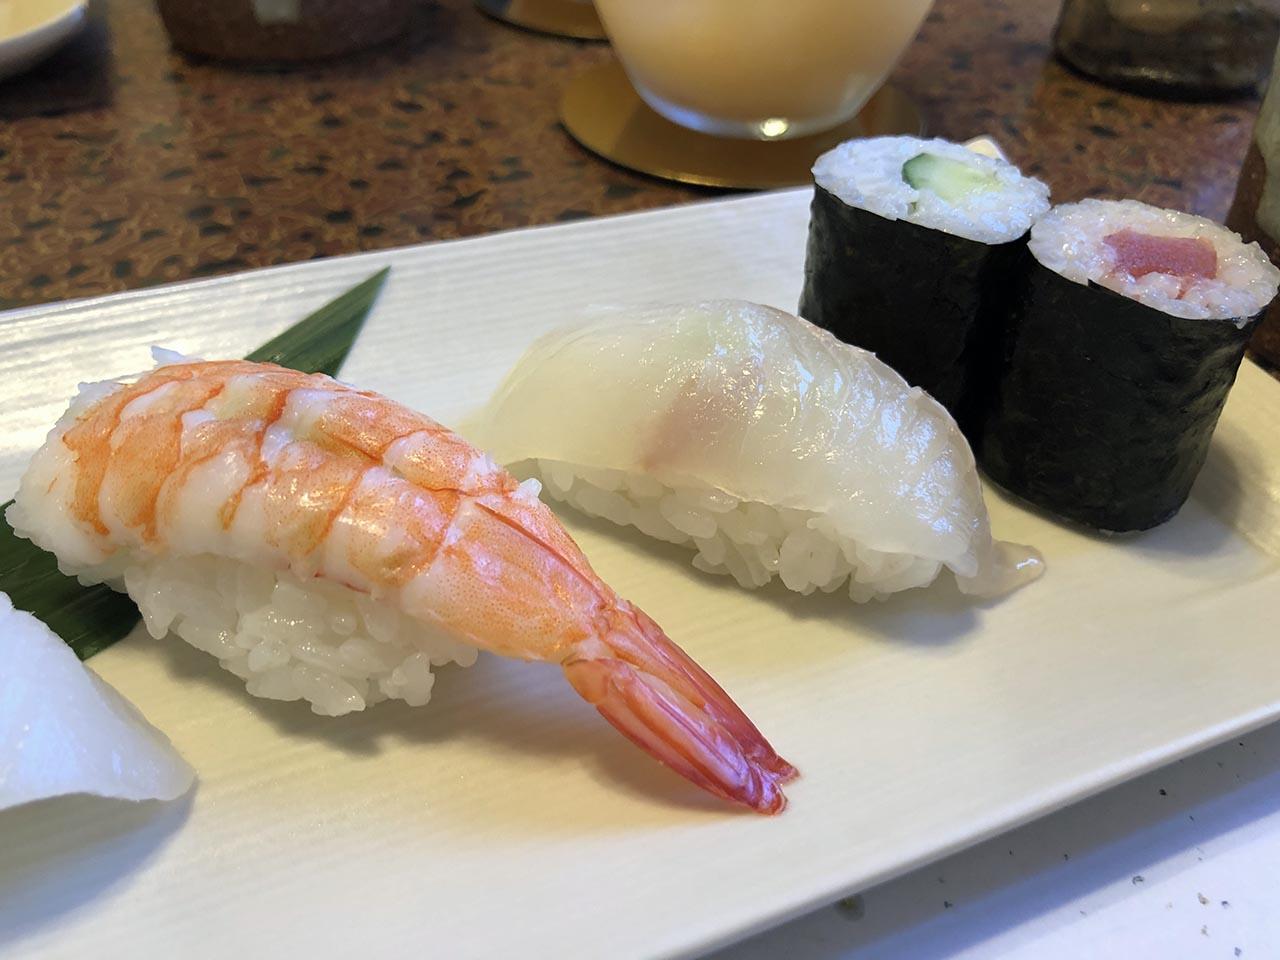 鮨幸のお寿司ランチのエビ、ひらめ、河童巻き、鉄火巻き